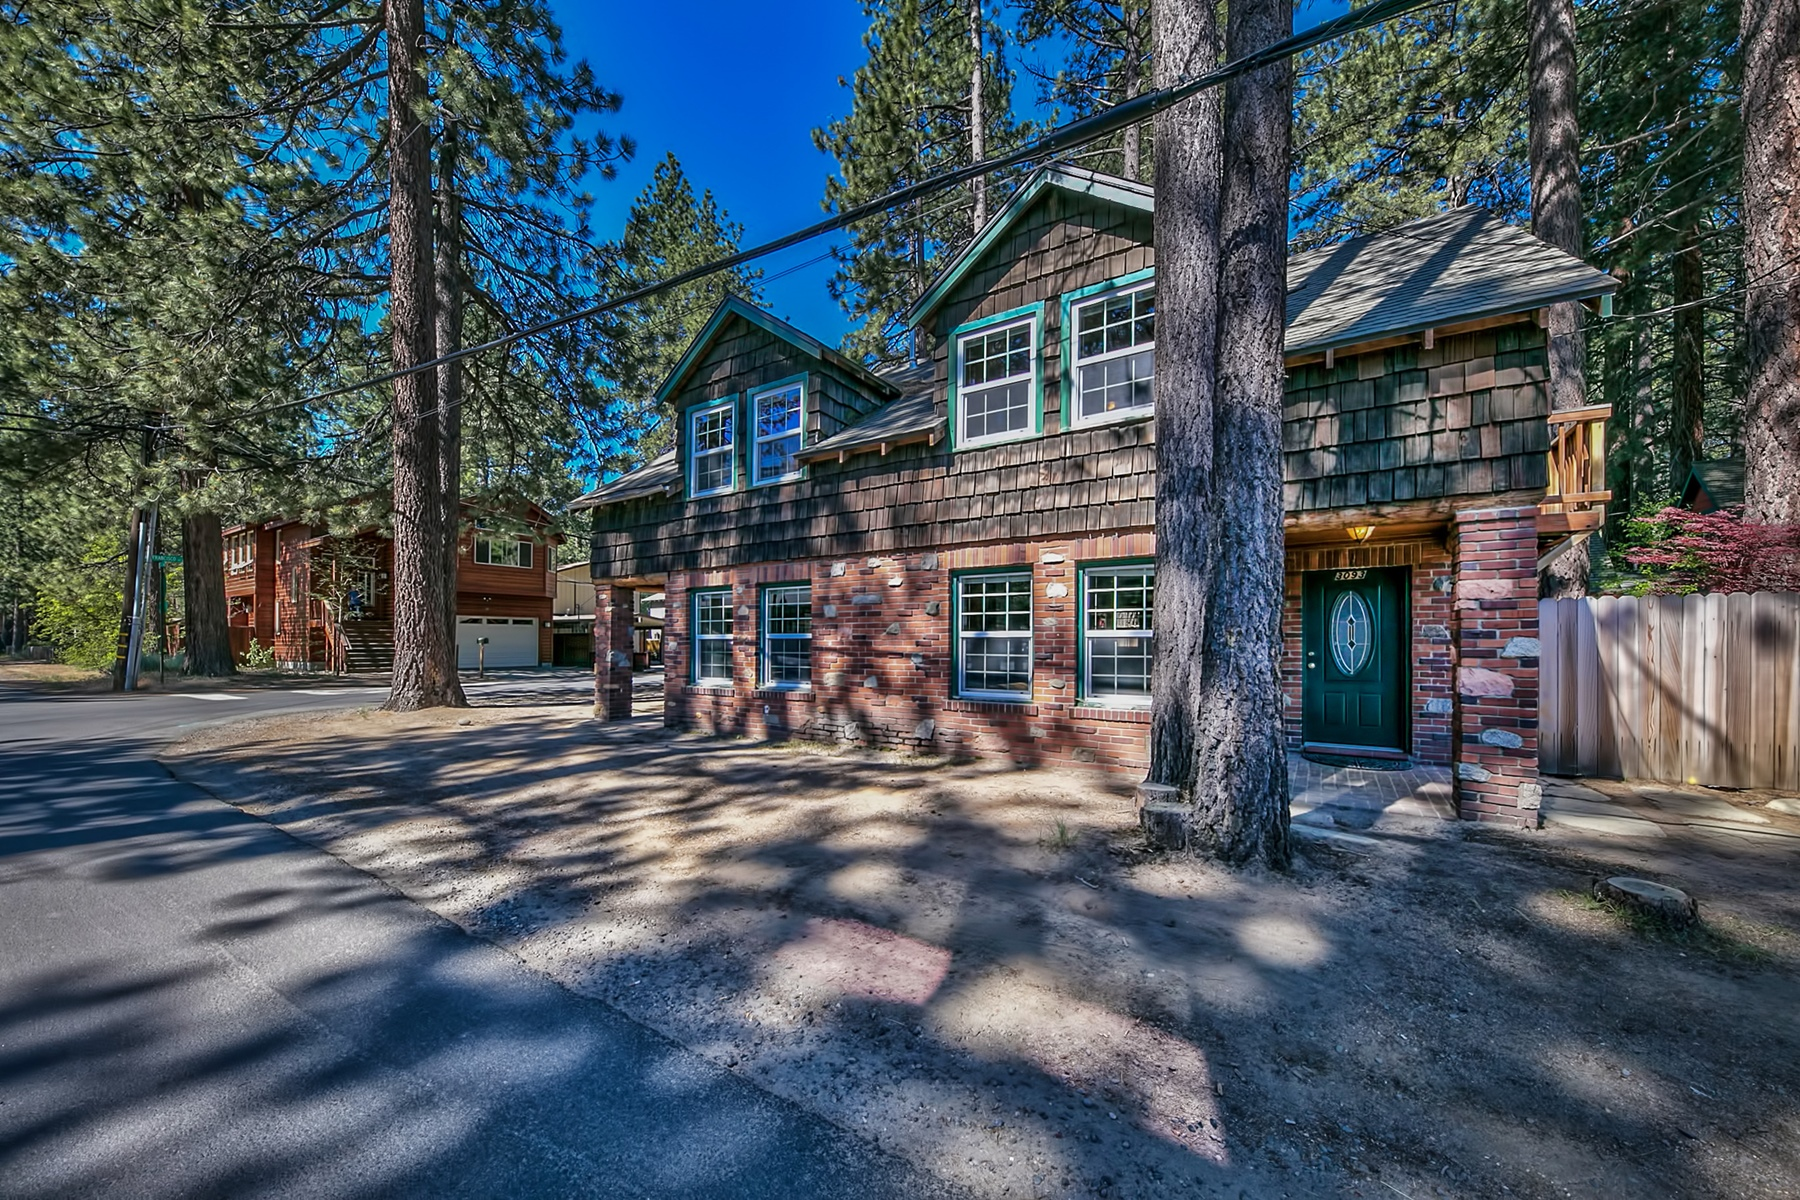 단독 가정 주택 용 매매 에 3093 Riverside Avenue, South Lake Tahoe, CA South Lake Tahoe, 캘리포니아, 96150 Lake Tahoe, 미국